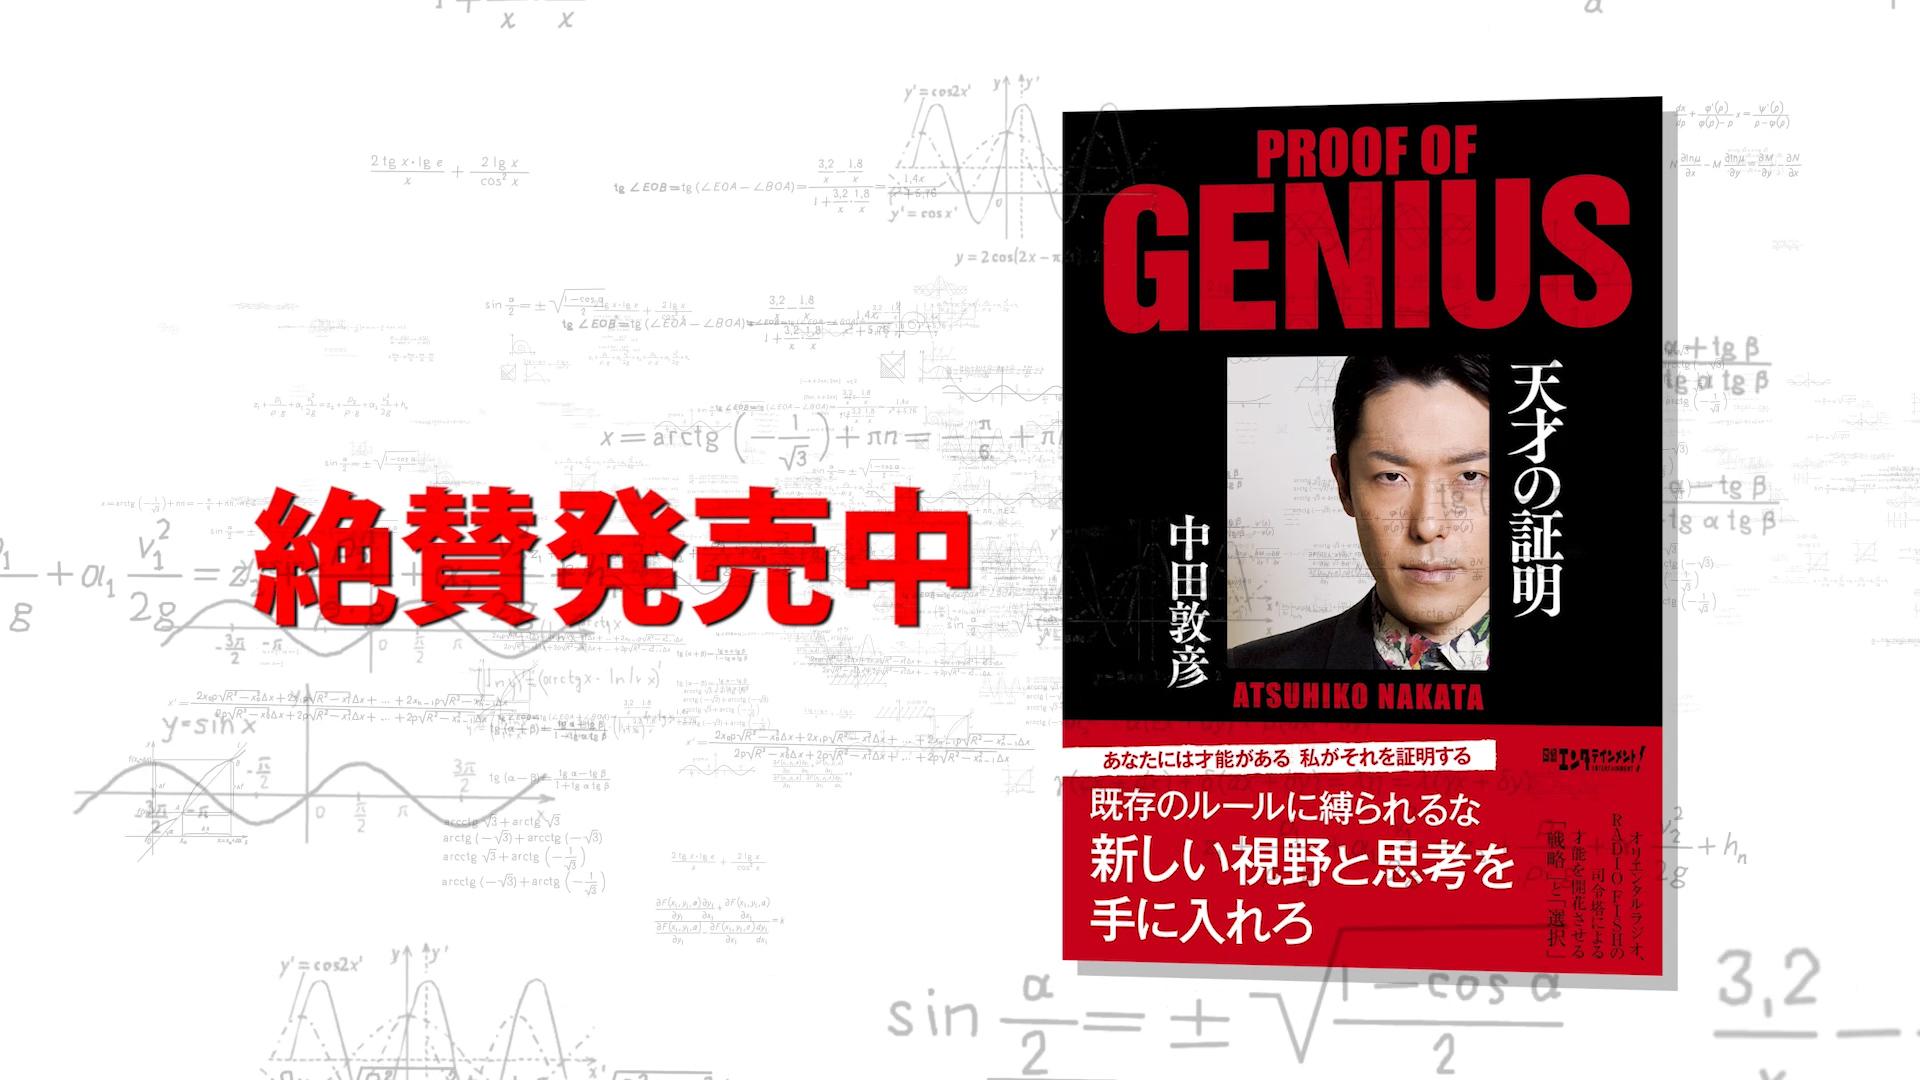 著者オリエンタルラジオの中田敦彦さん『天才の証明』